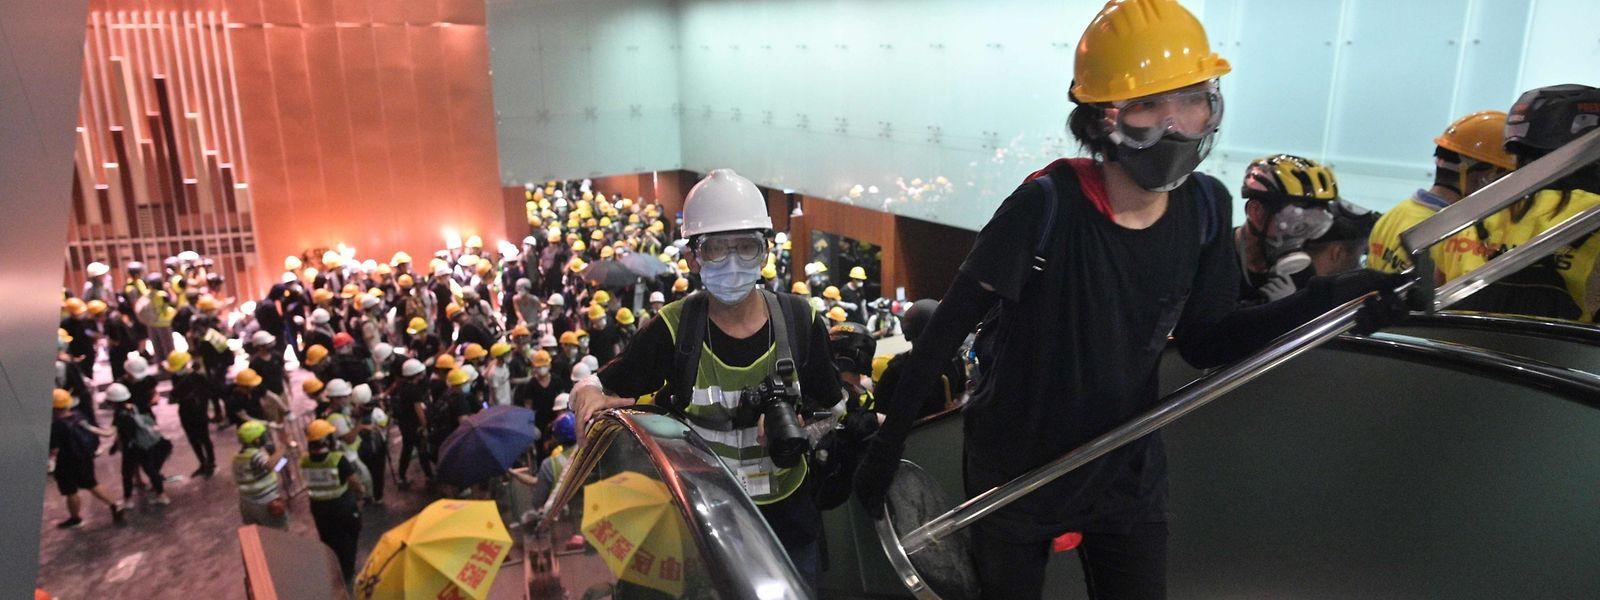 Demonstranten dringen in Regierungsgebäude von Hongkong ein.